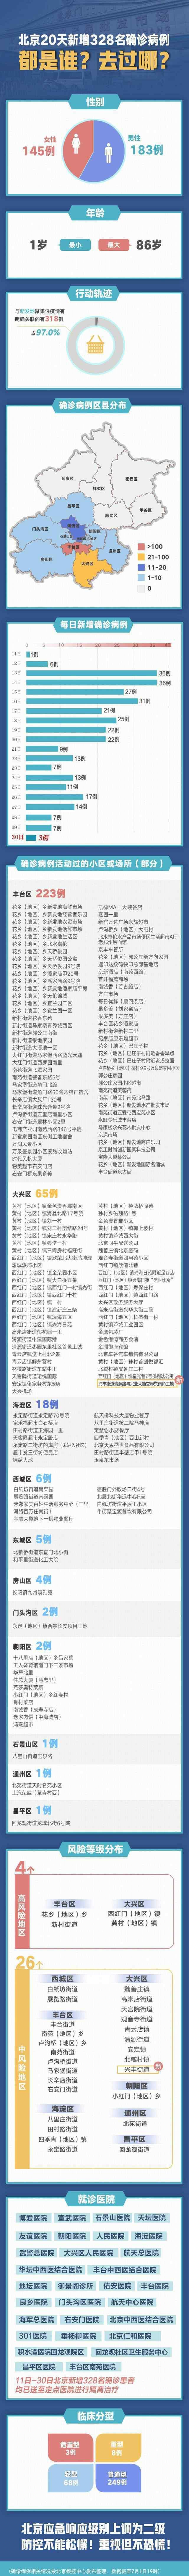 北京20天新增328例都去过哪 真相到底是怎样的?